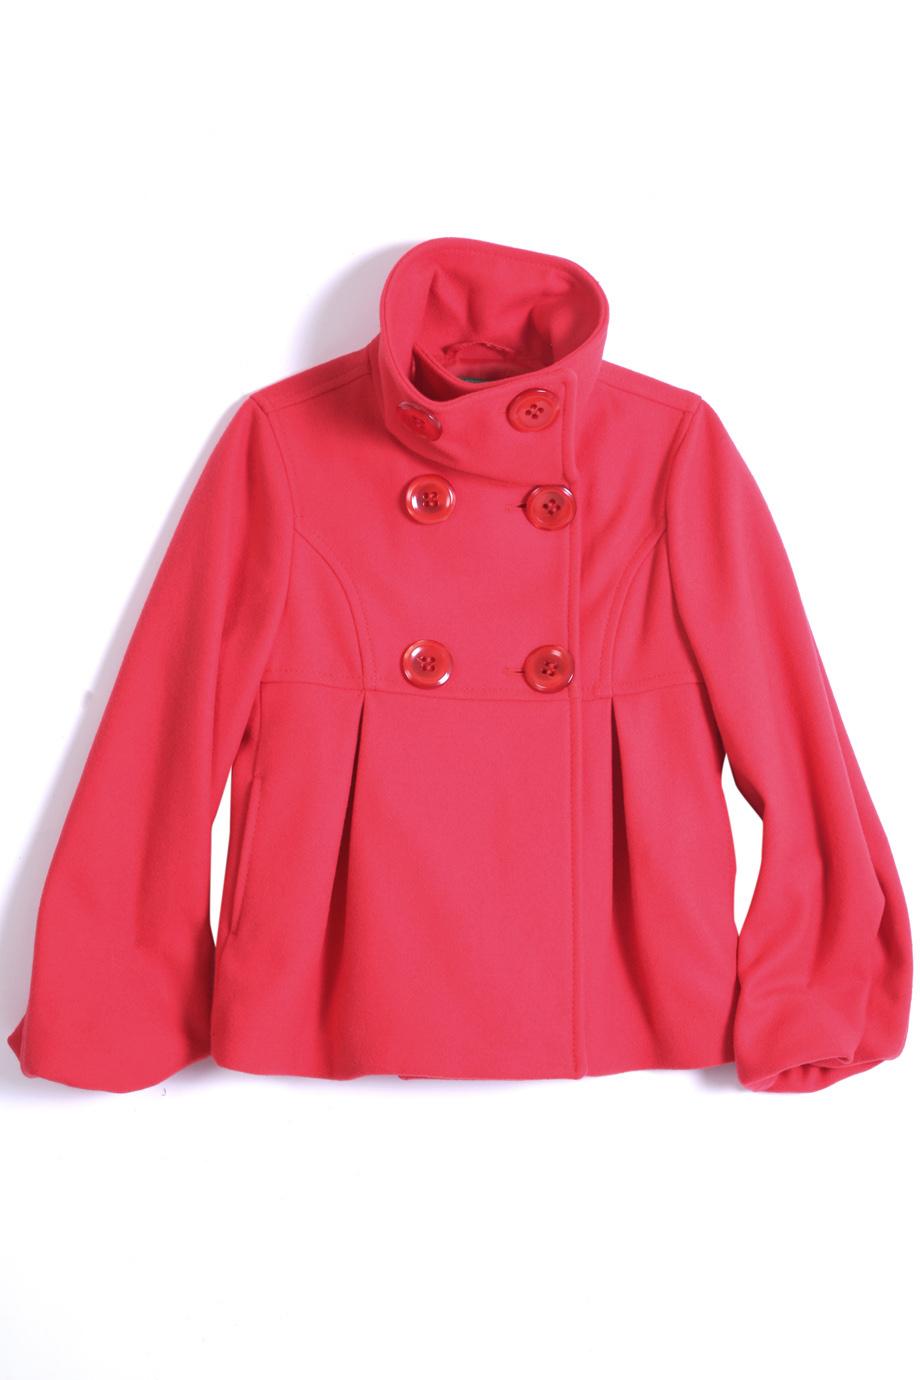 f108cd9156c Παιδικά ρούχα Benetton & Sisley - Προσφορές | nethall.gr ...